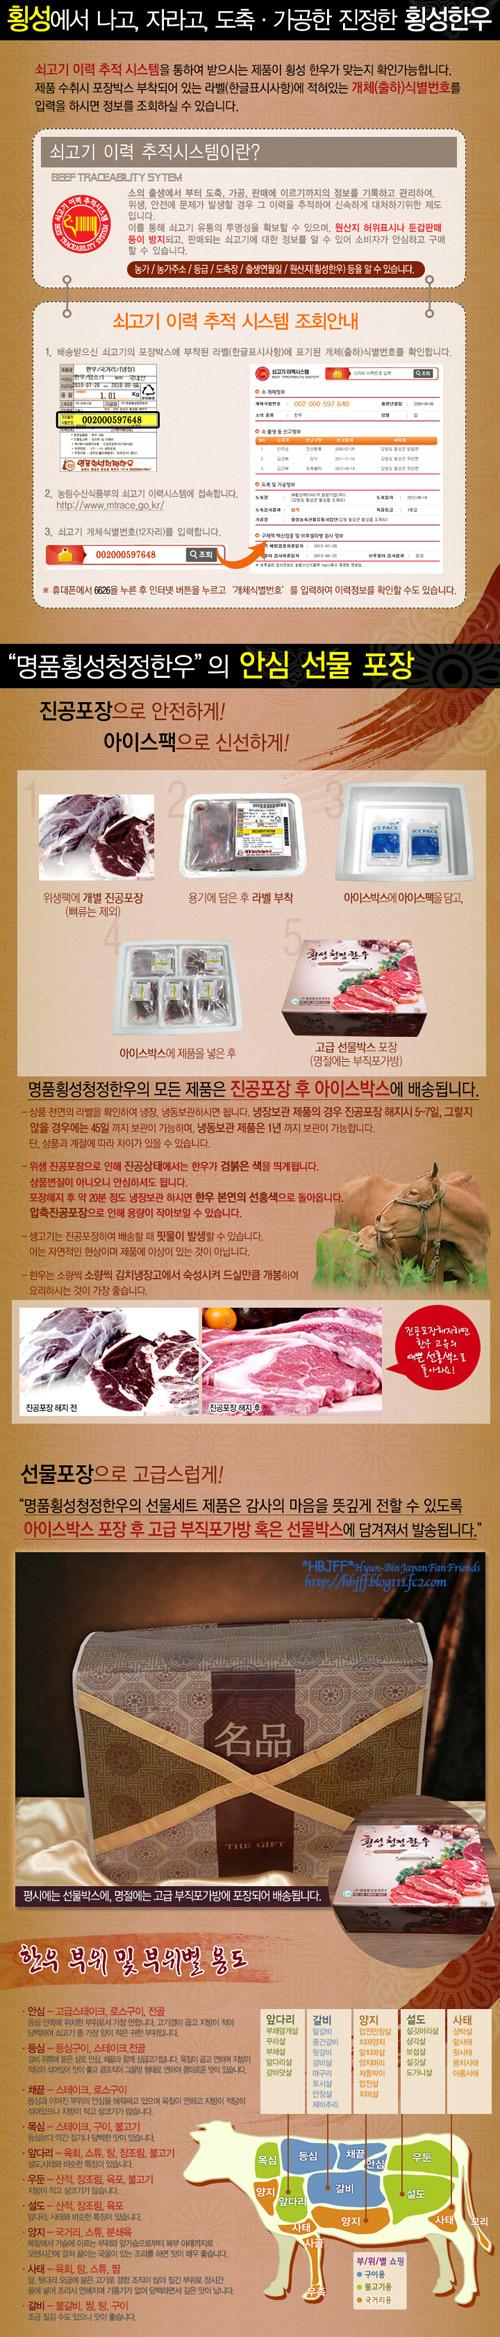 韓牛セット2